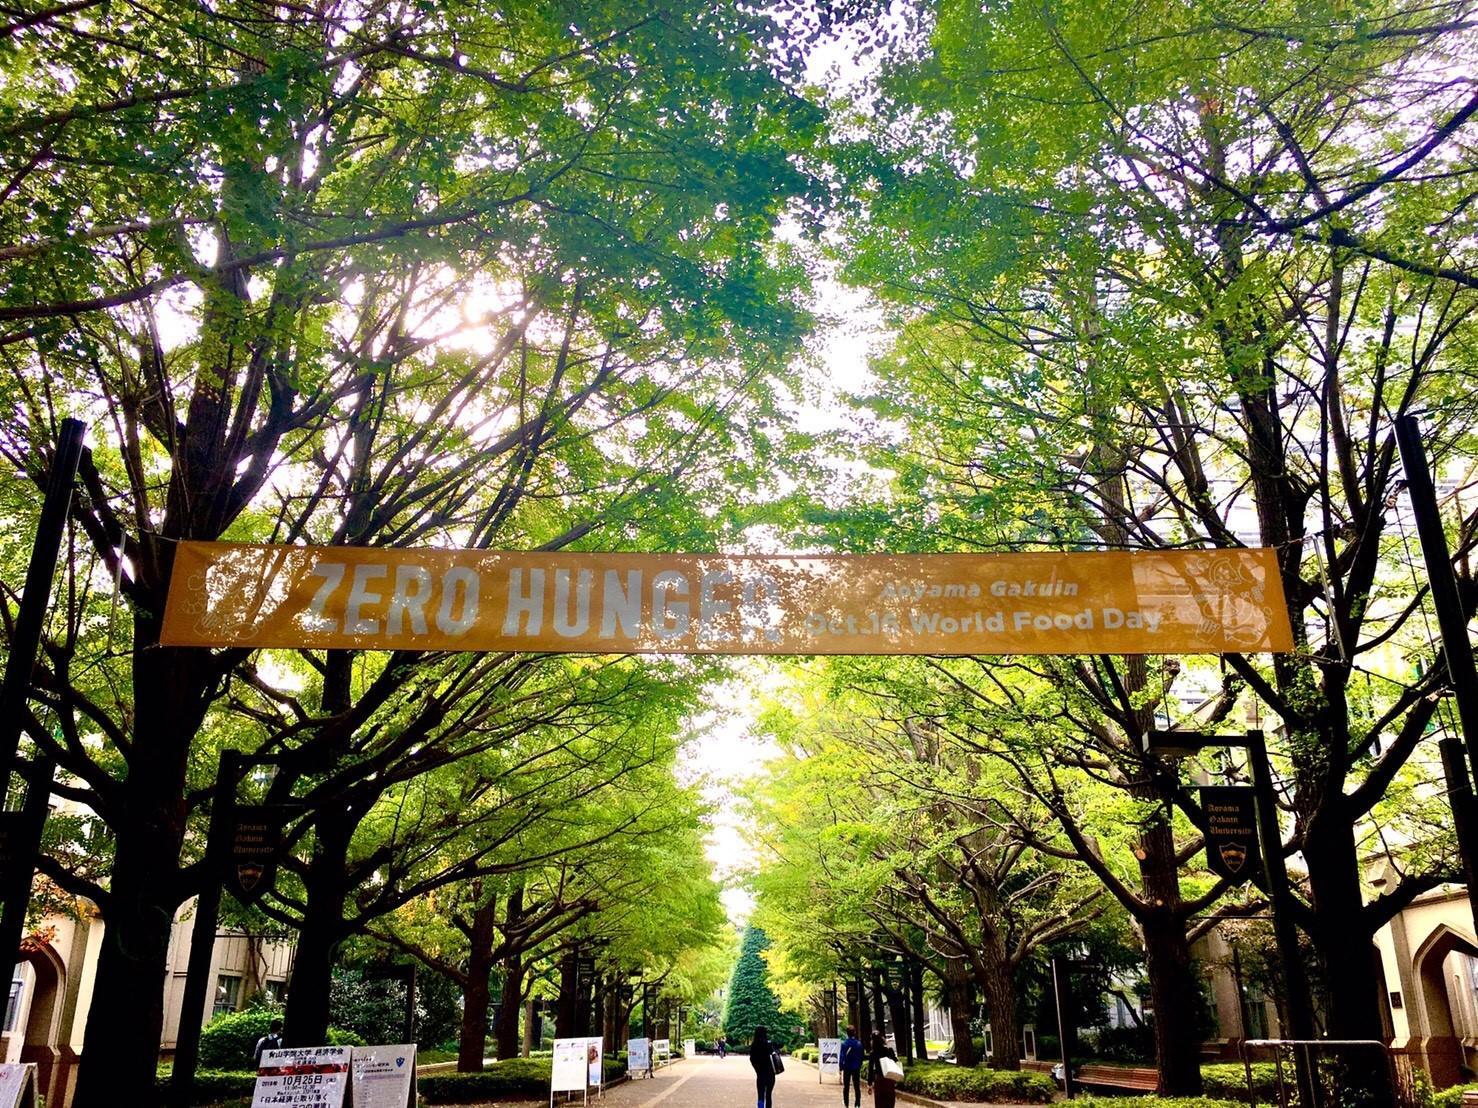 青山学院大学が10月16日の世界食料デーに合わせた飢餓ゼロ(Zero Hunger)1016キャンペーンを開催